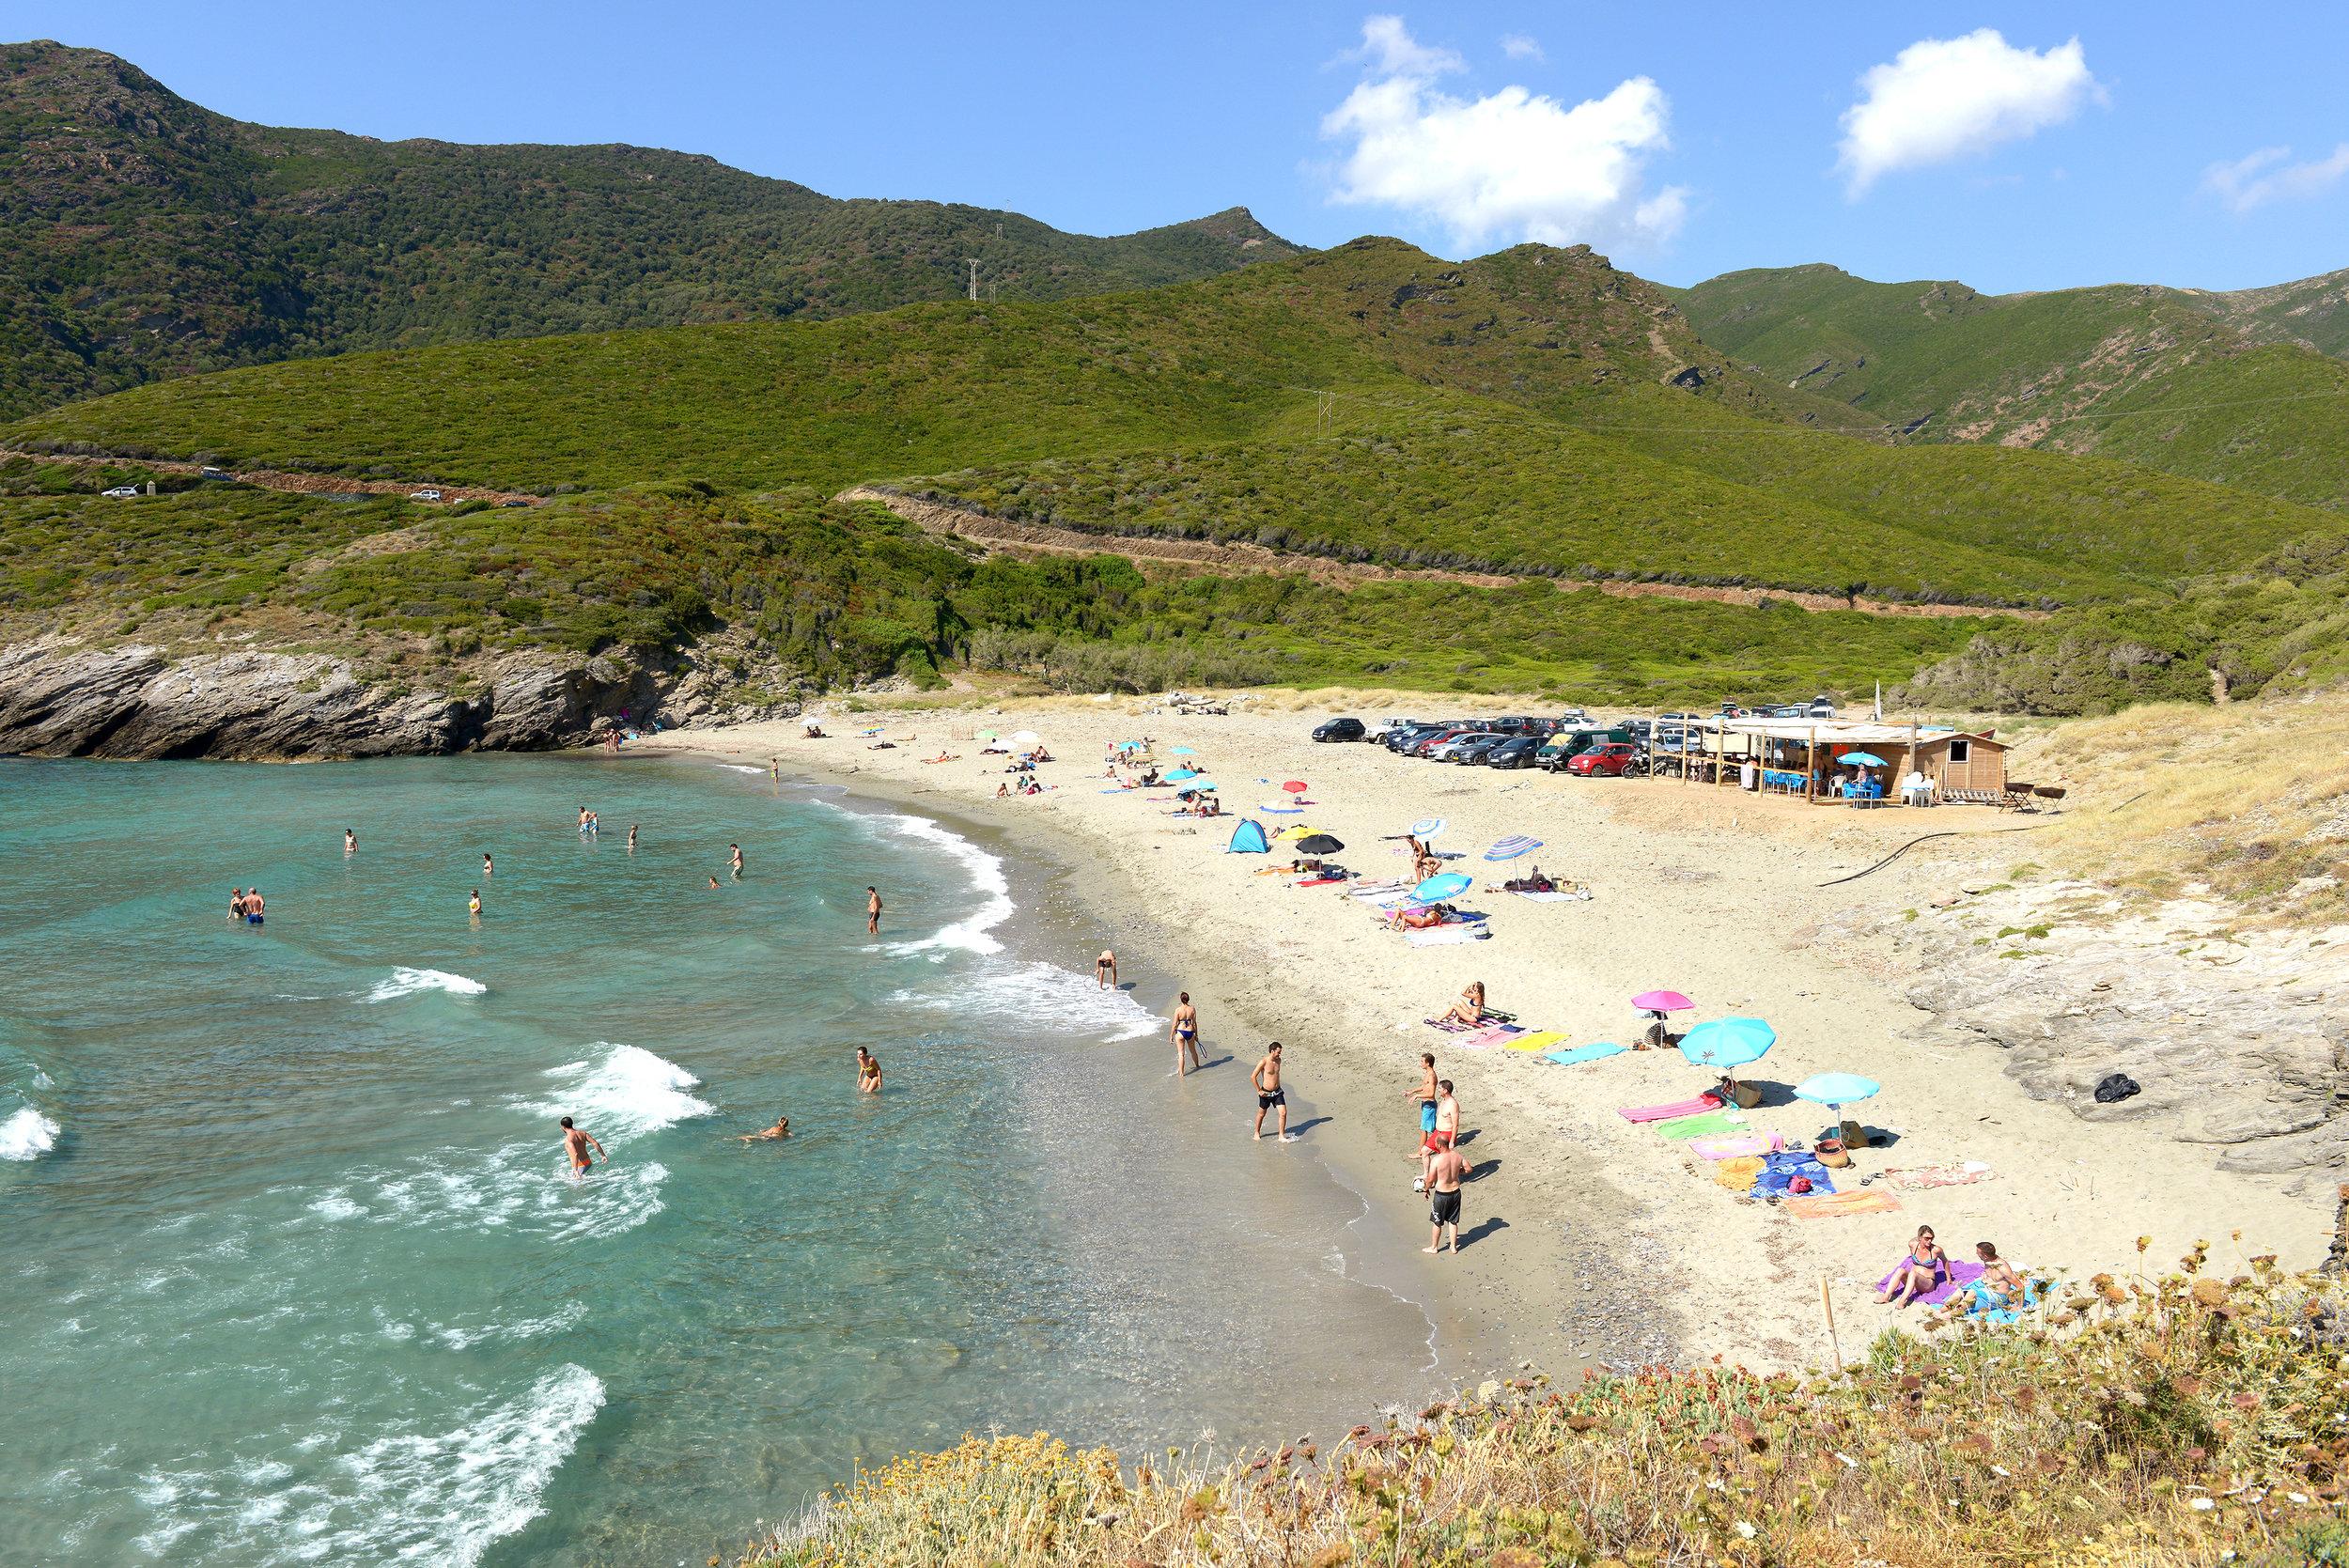 Ranta, Korsika, Ranska, Välimeri, matka, matkablogi